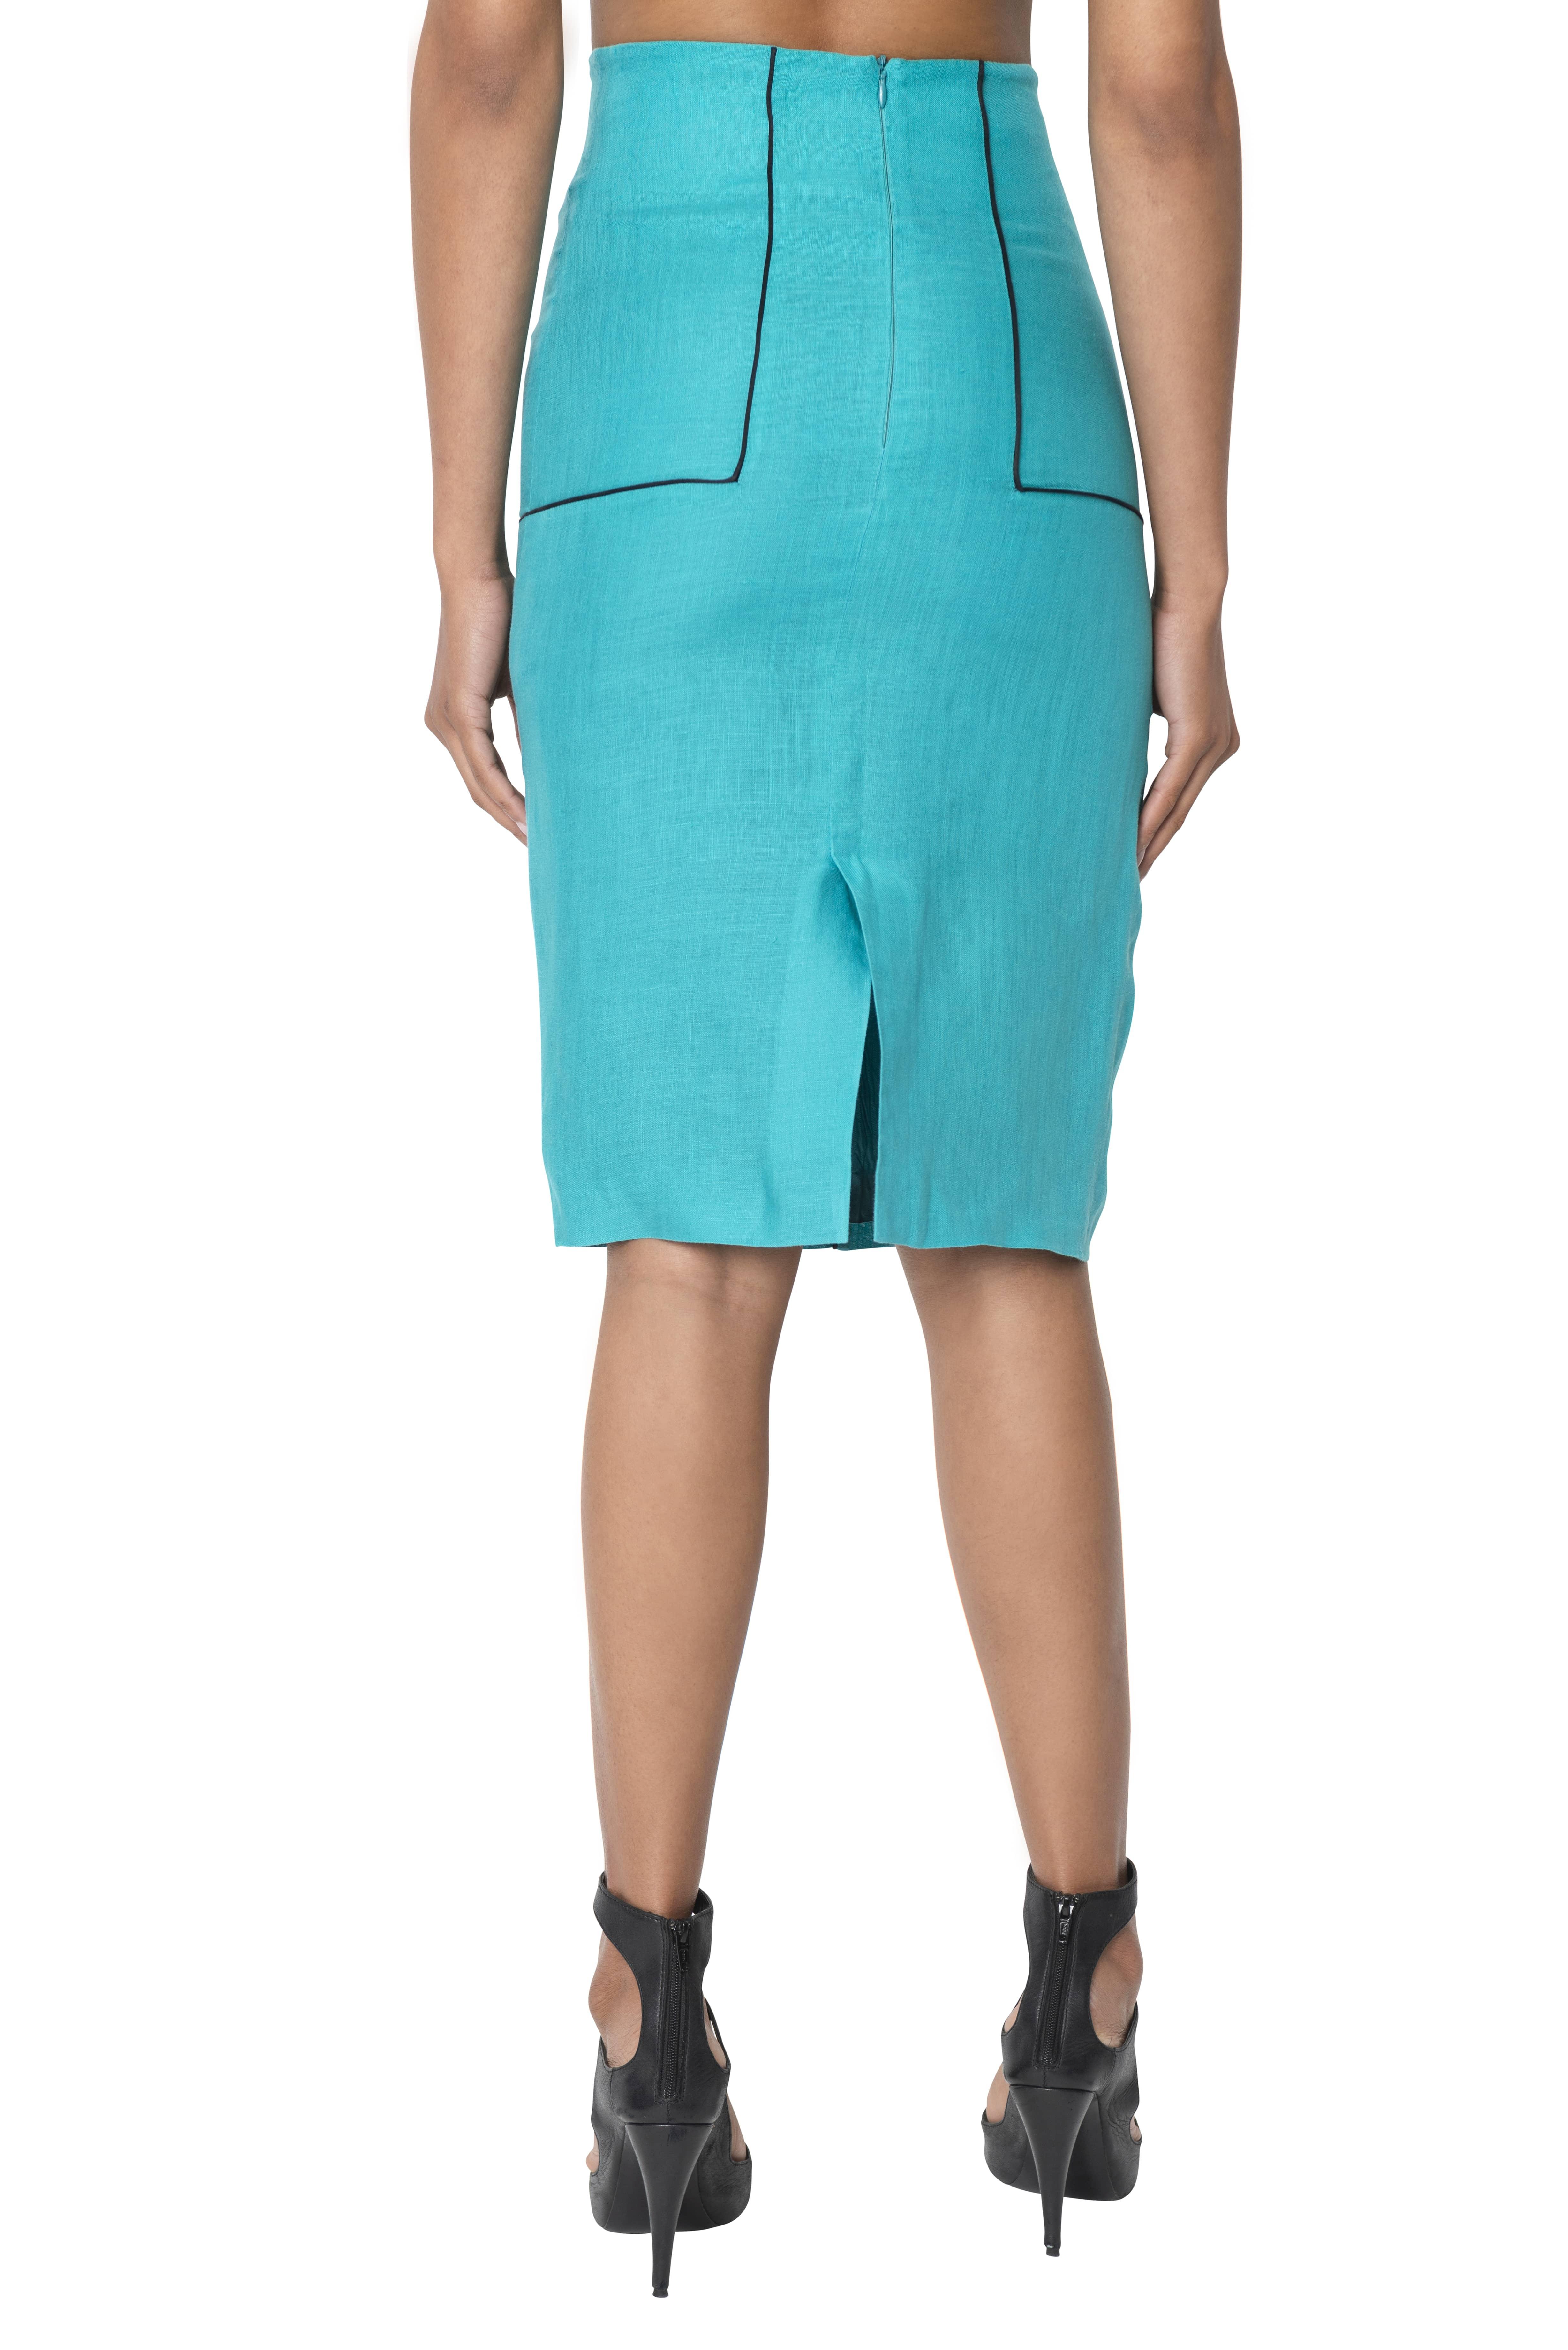 Skirt ANKAA 2